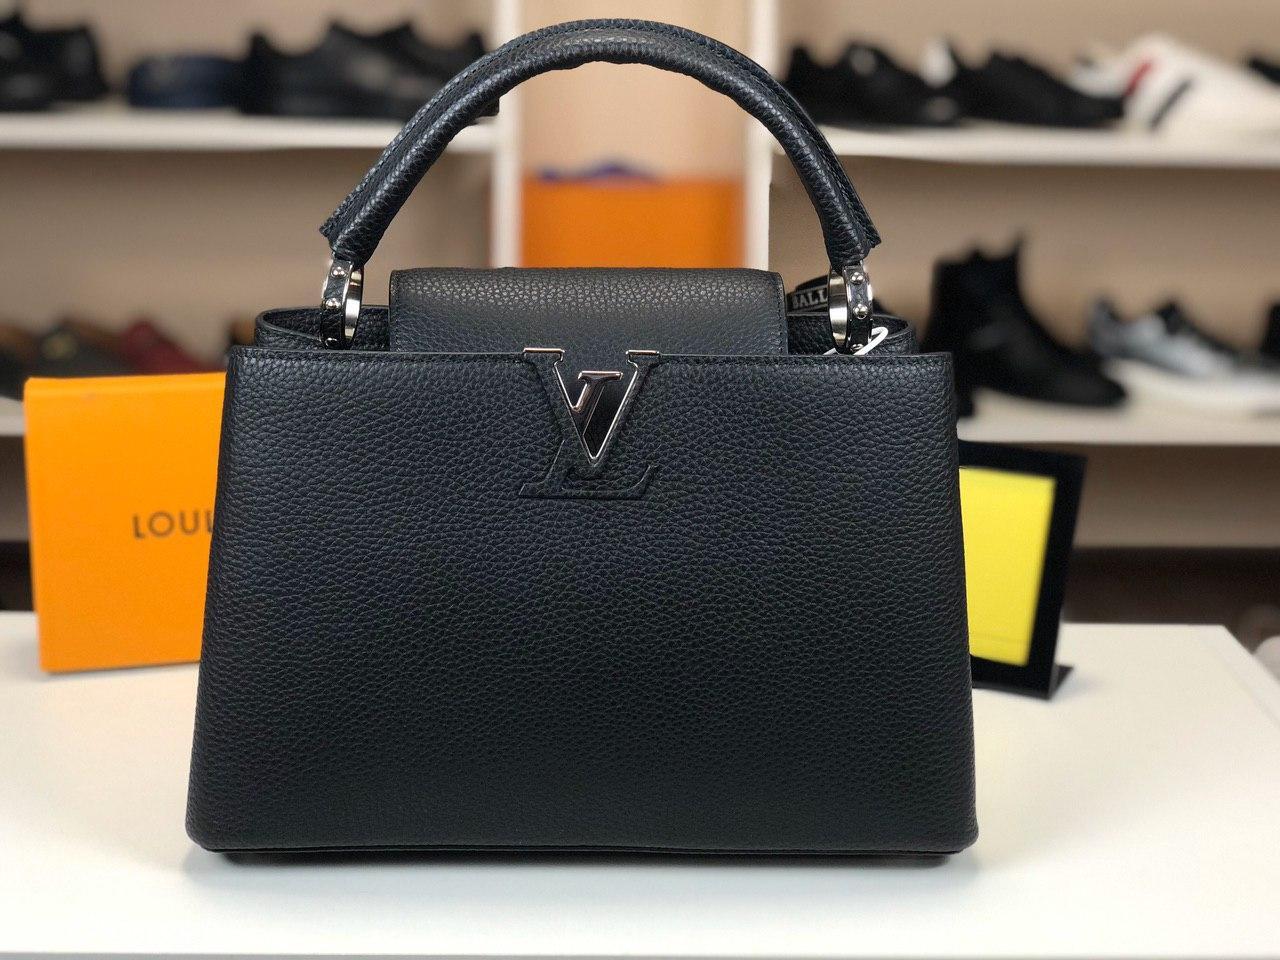 Сумка Capucines PM Louis Vuitton (Луи Виттон Капуцин) арт. 03-13